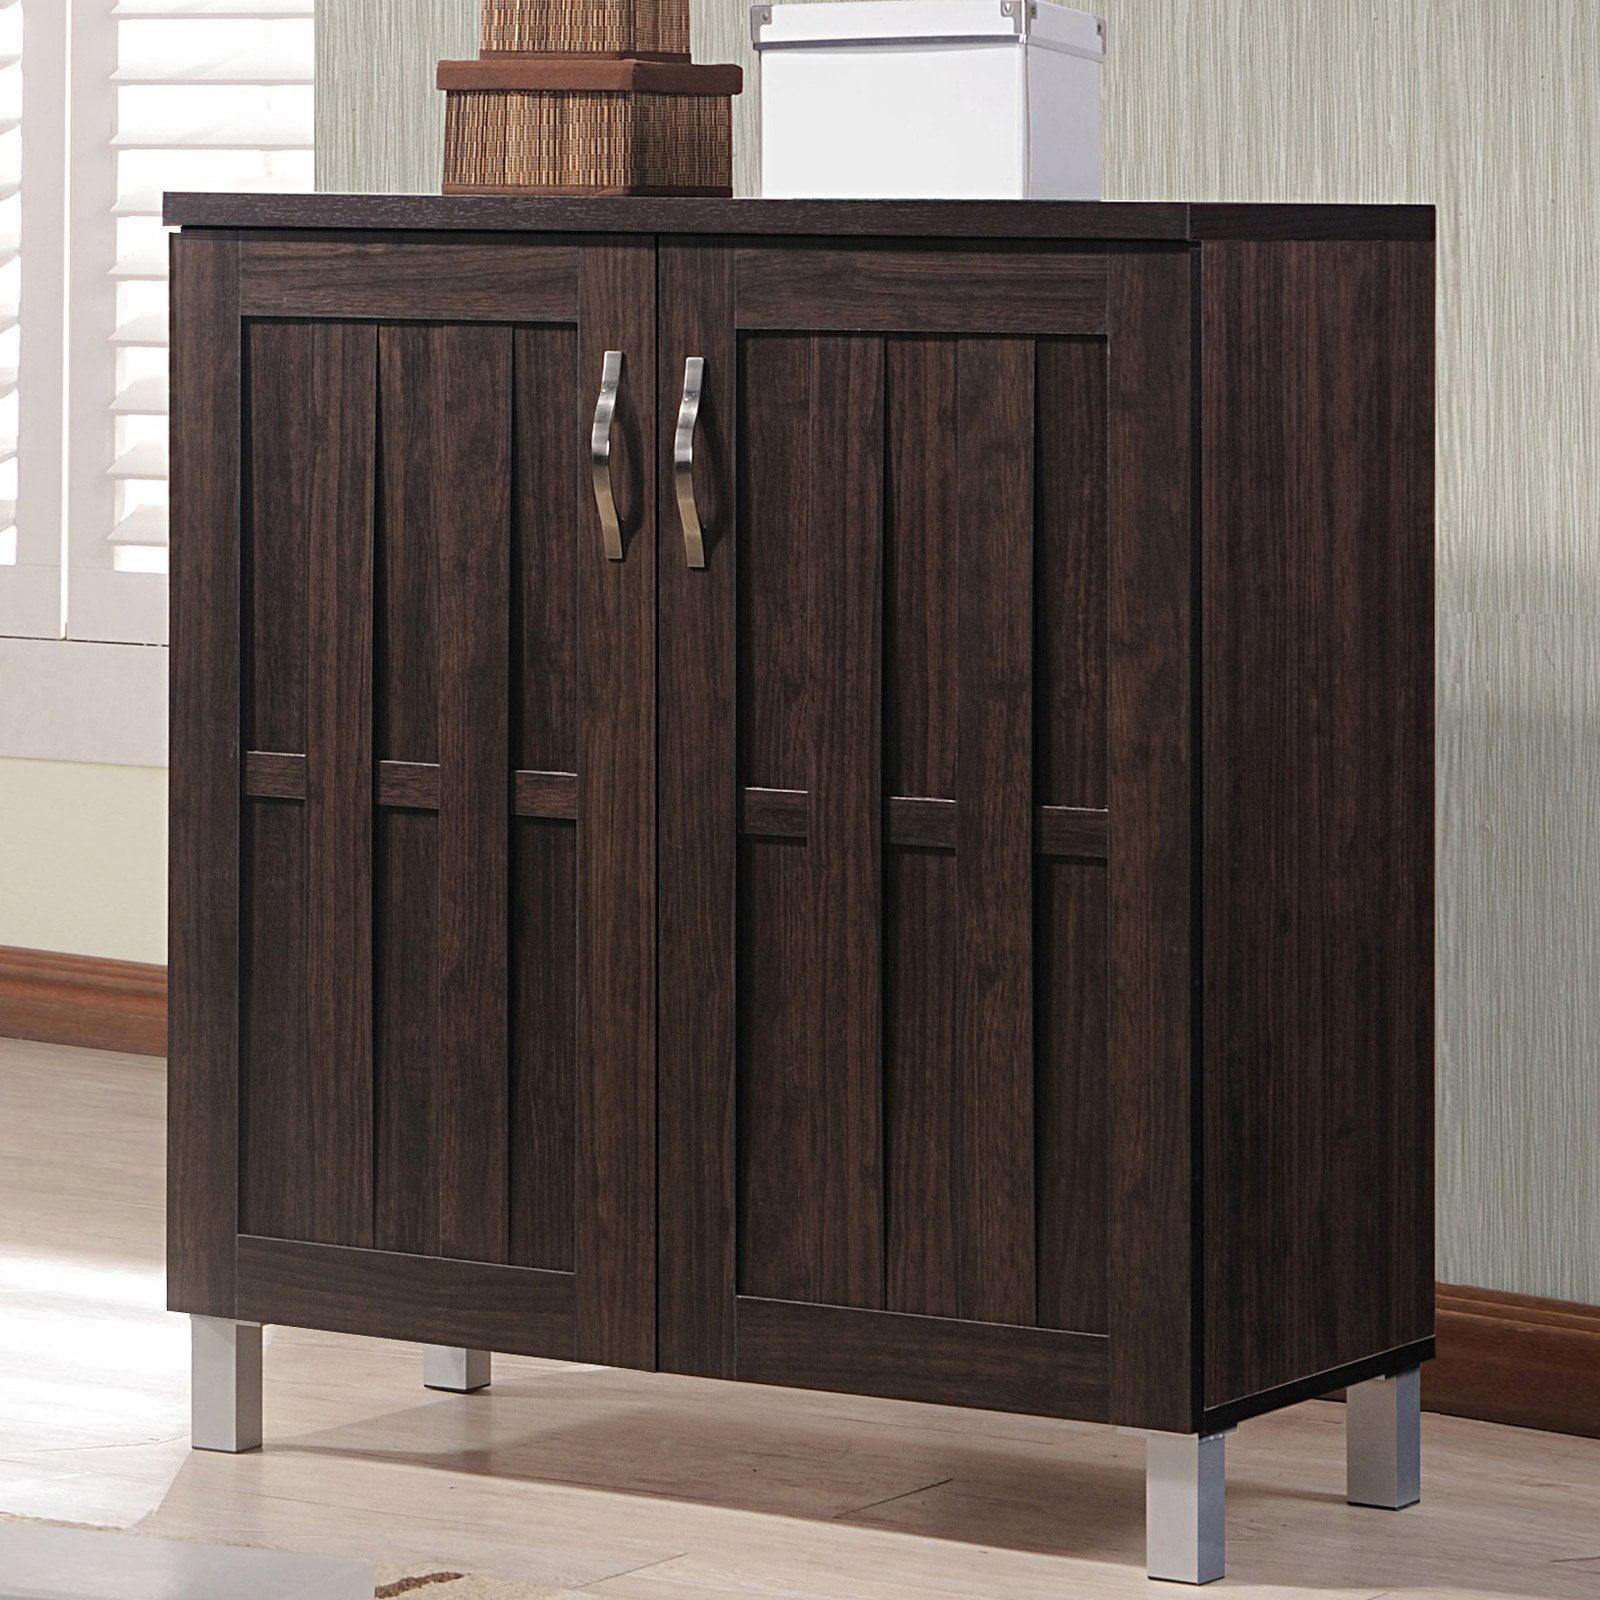 Baxton Studio Excel Modern and Contemporary Dark Brown Sideboard Storage Cabinet